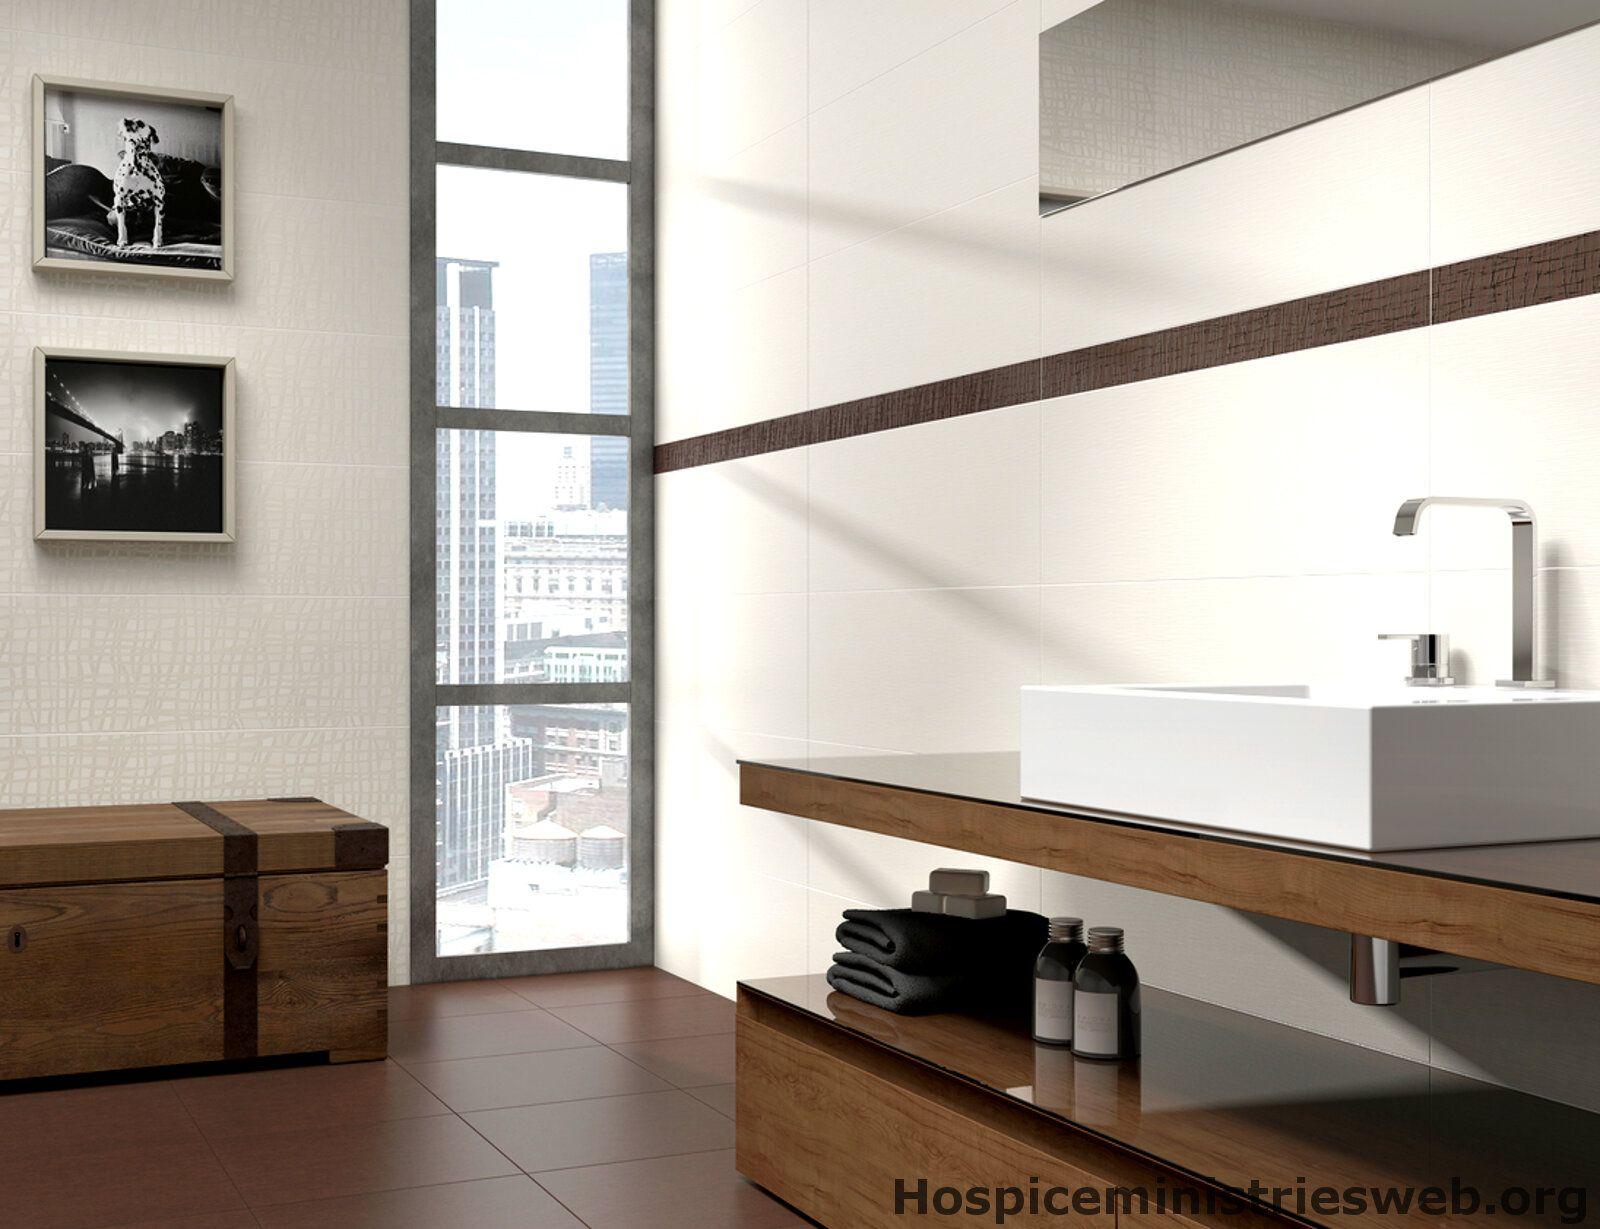 Badezimmer Braun ~ Ideen für badezimmer braun beige wohn ideen ideen für